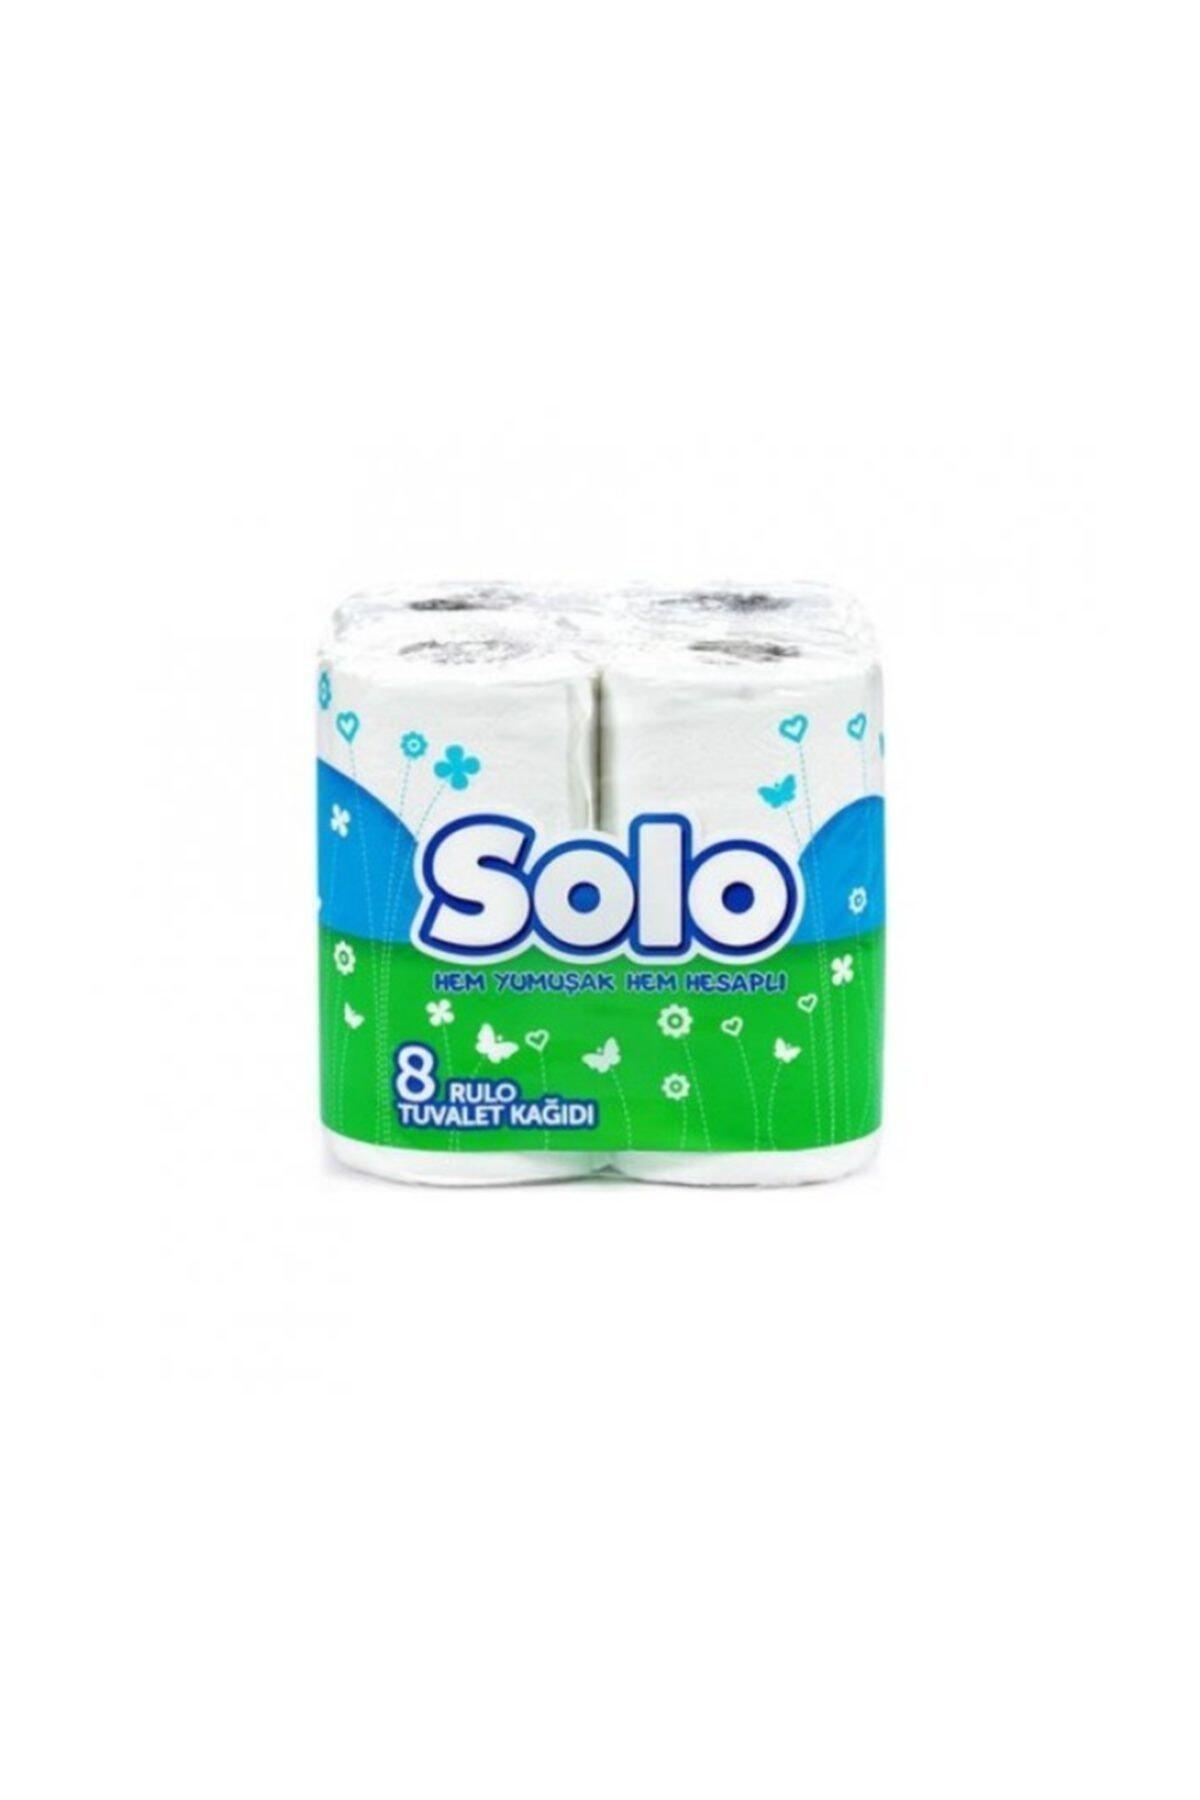 Solo Tuvalet Kağıdı 8 Li Rulo 1